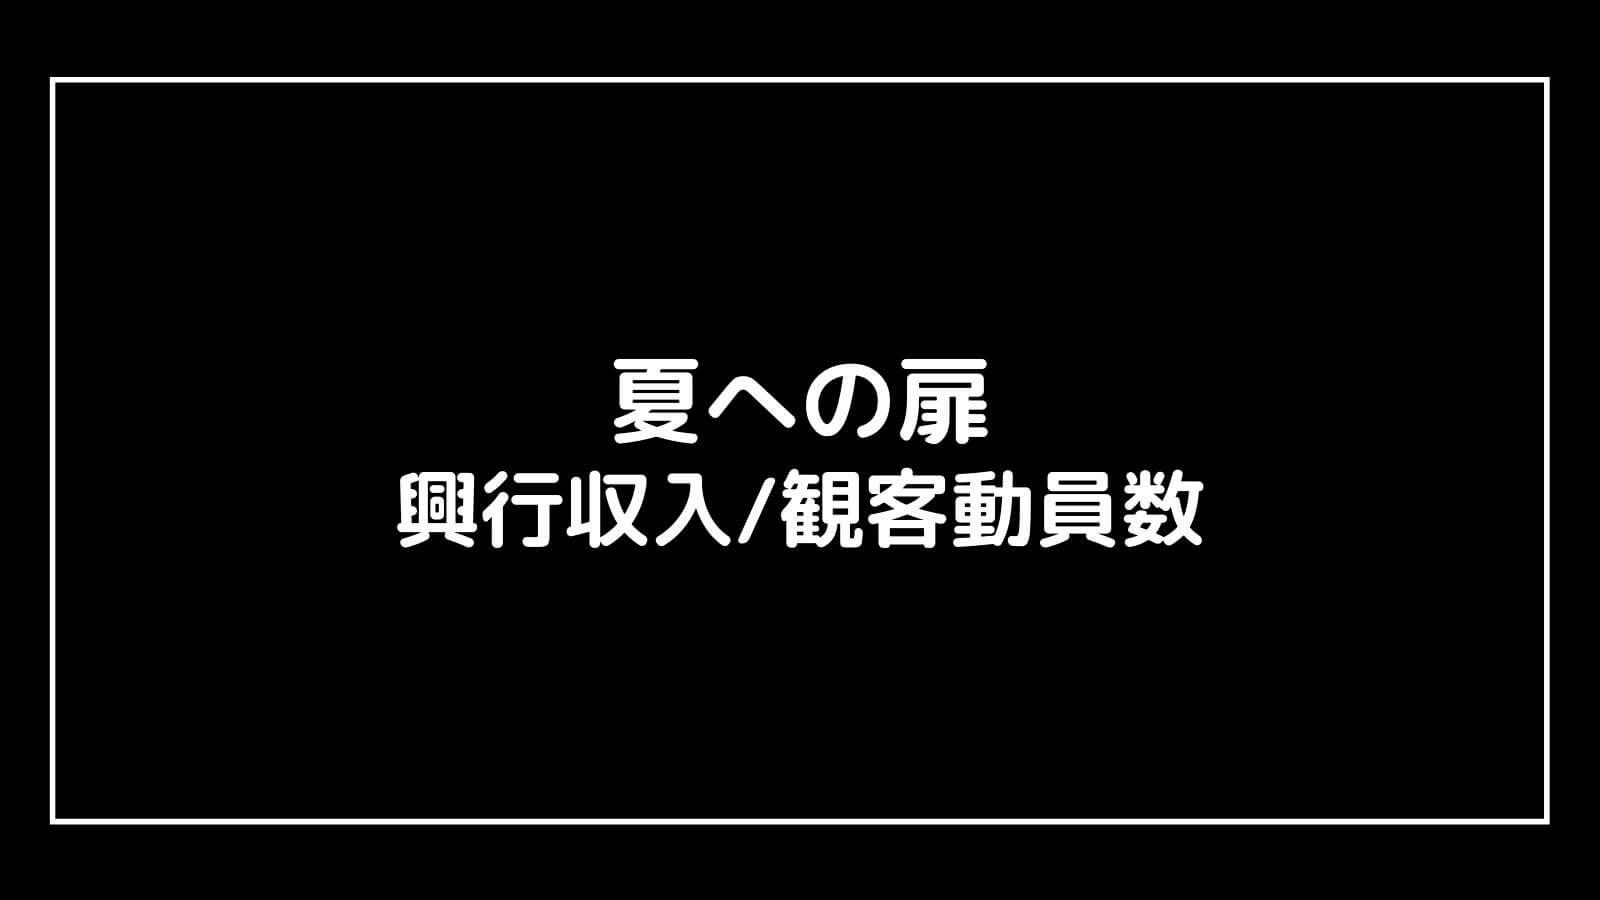 映画『夏への扉』興行収入推移と最終興収を元映画館社員が予想